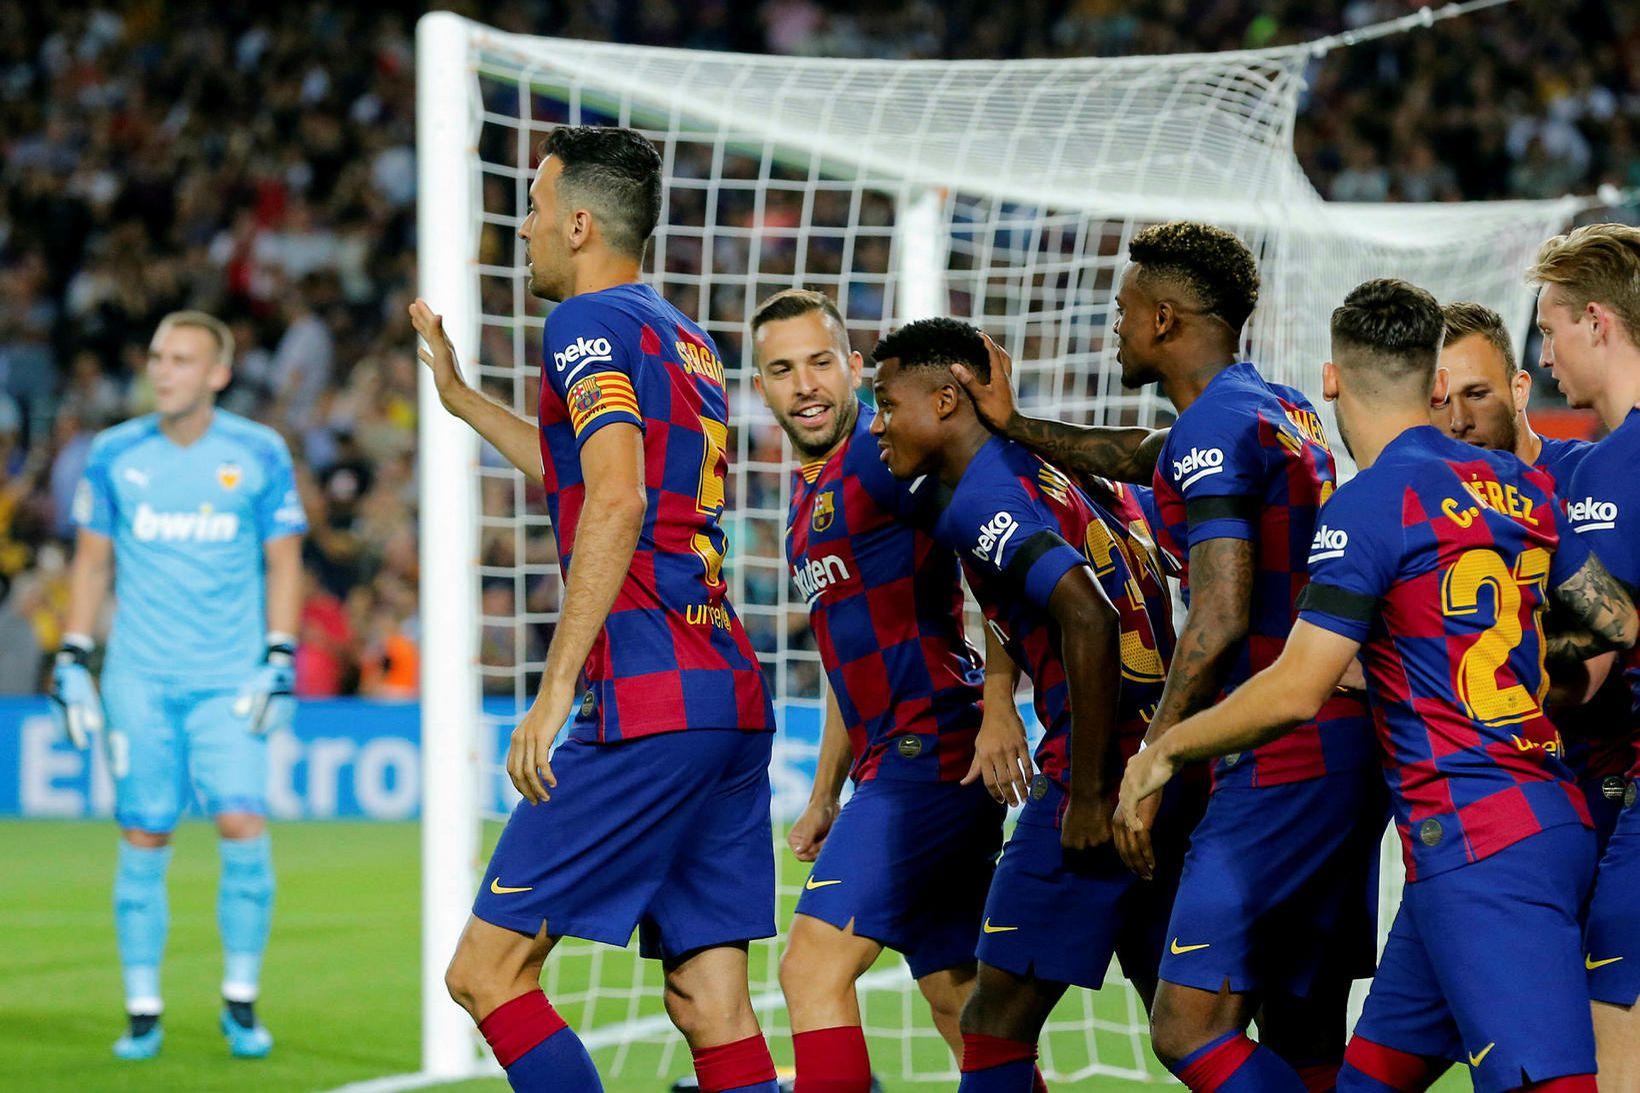 Leikmenn Barcelona fagna marki.